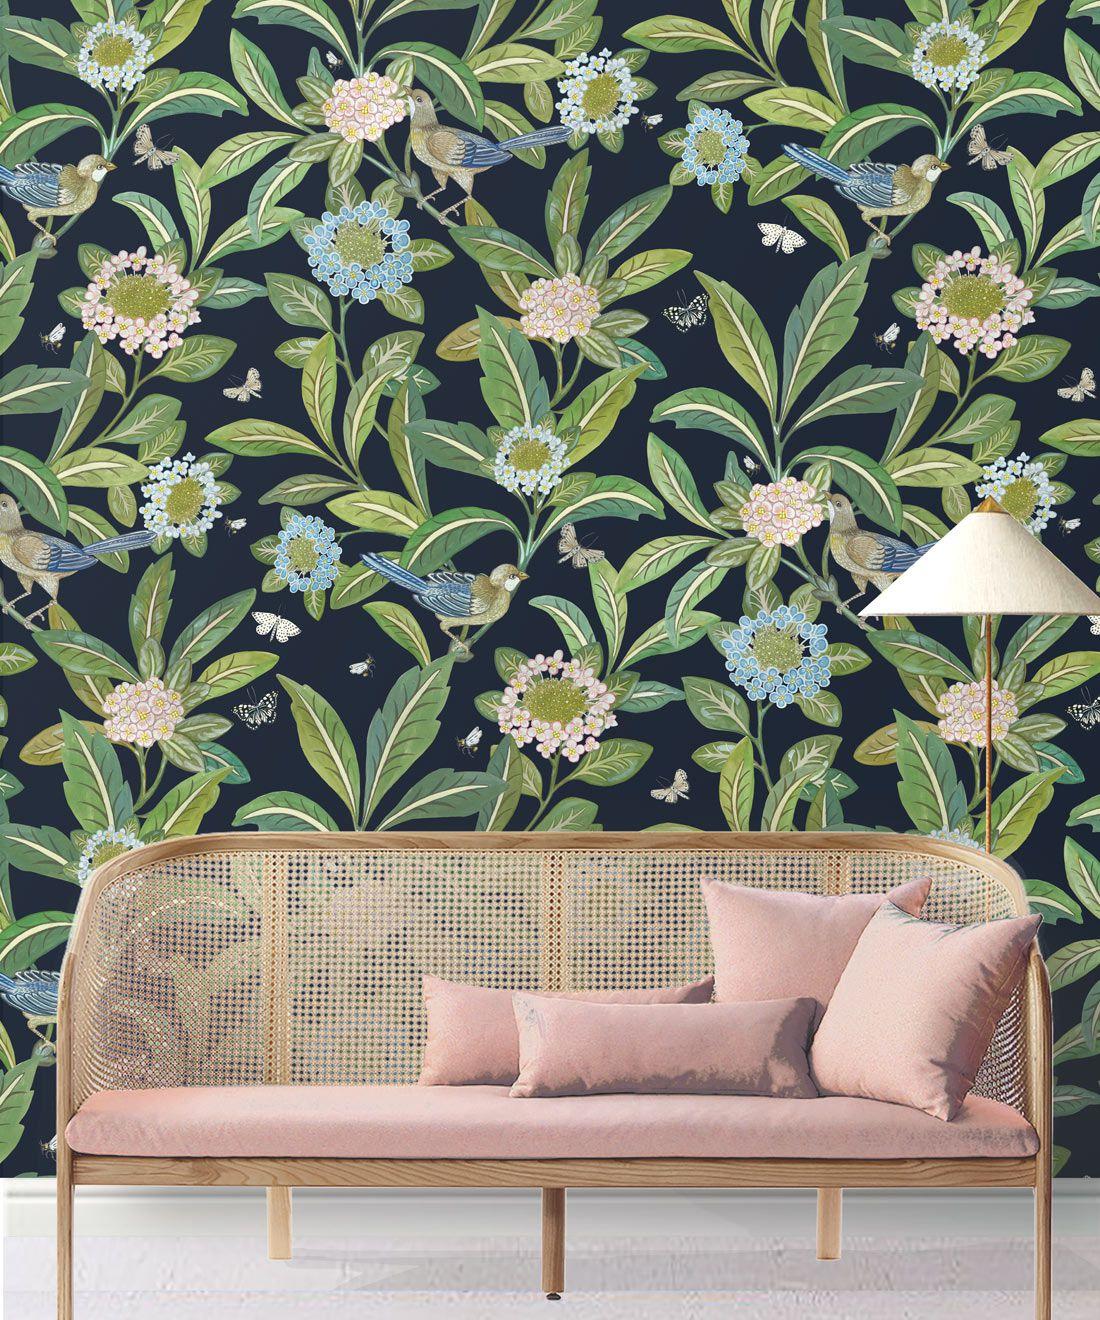 Summer Garden Wallpaper • Original Wallpaper • Floral Wallpaper Insitu